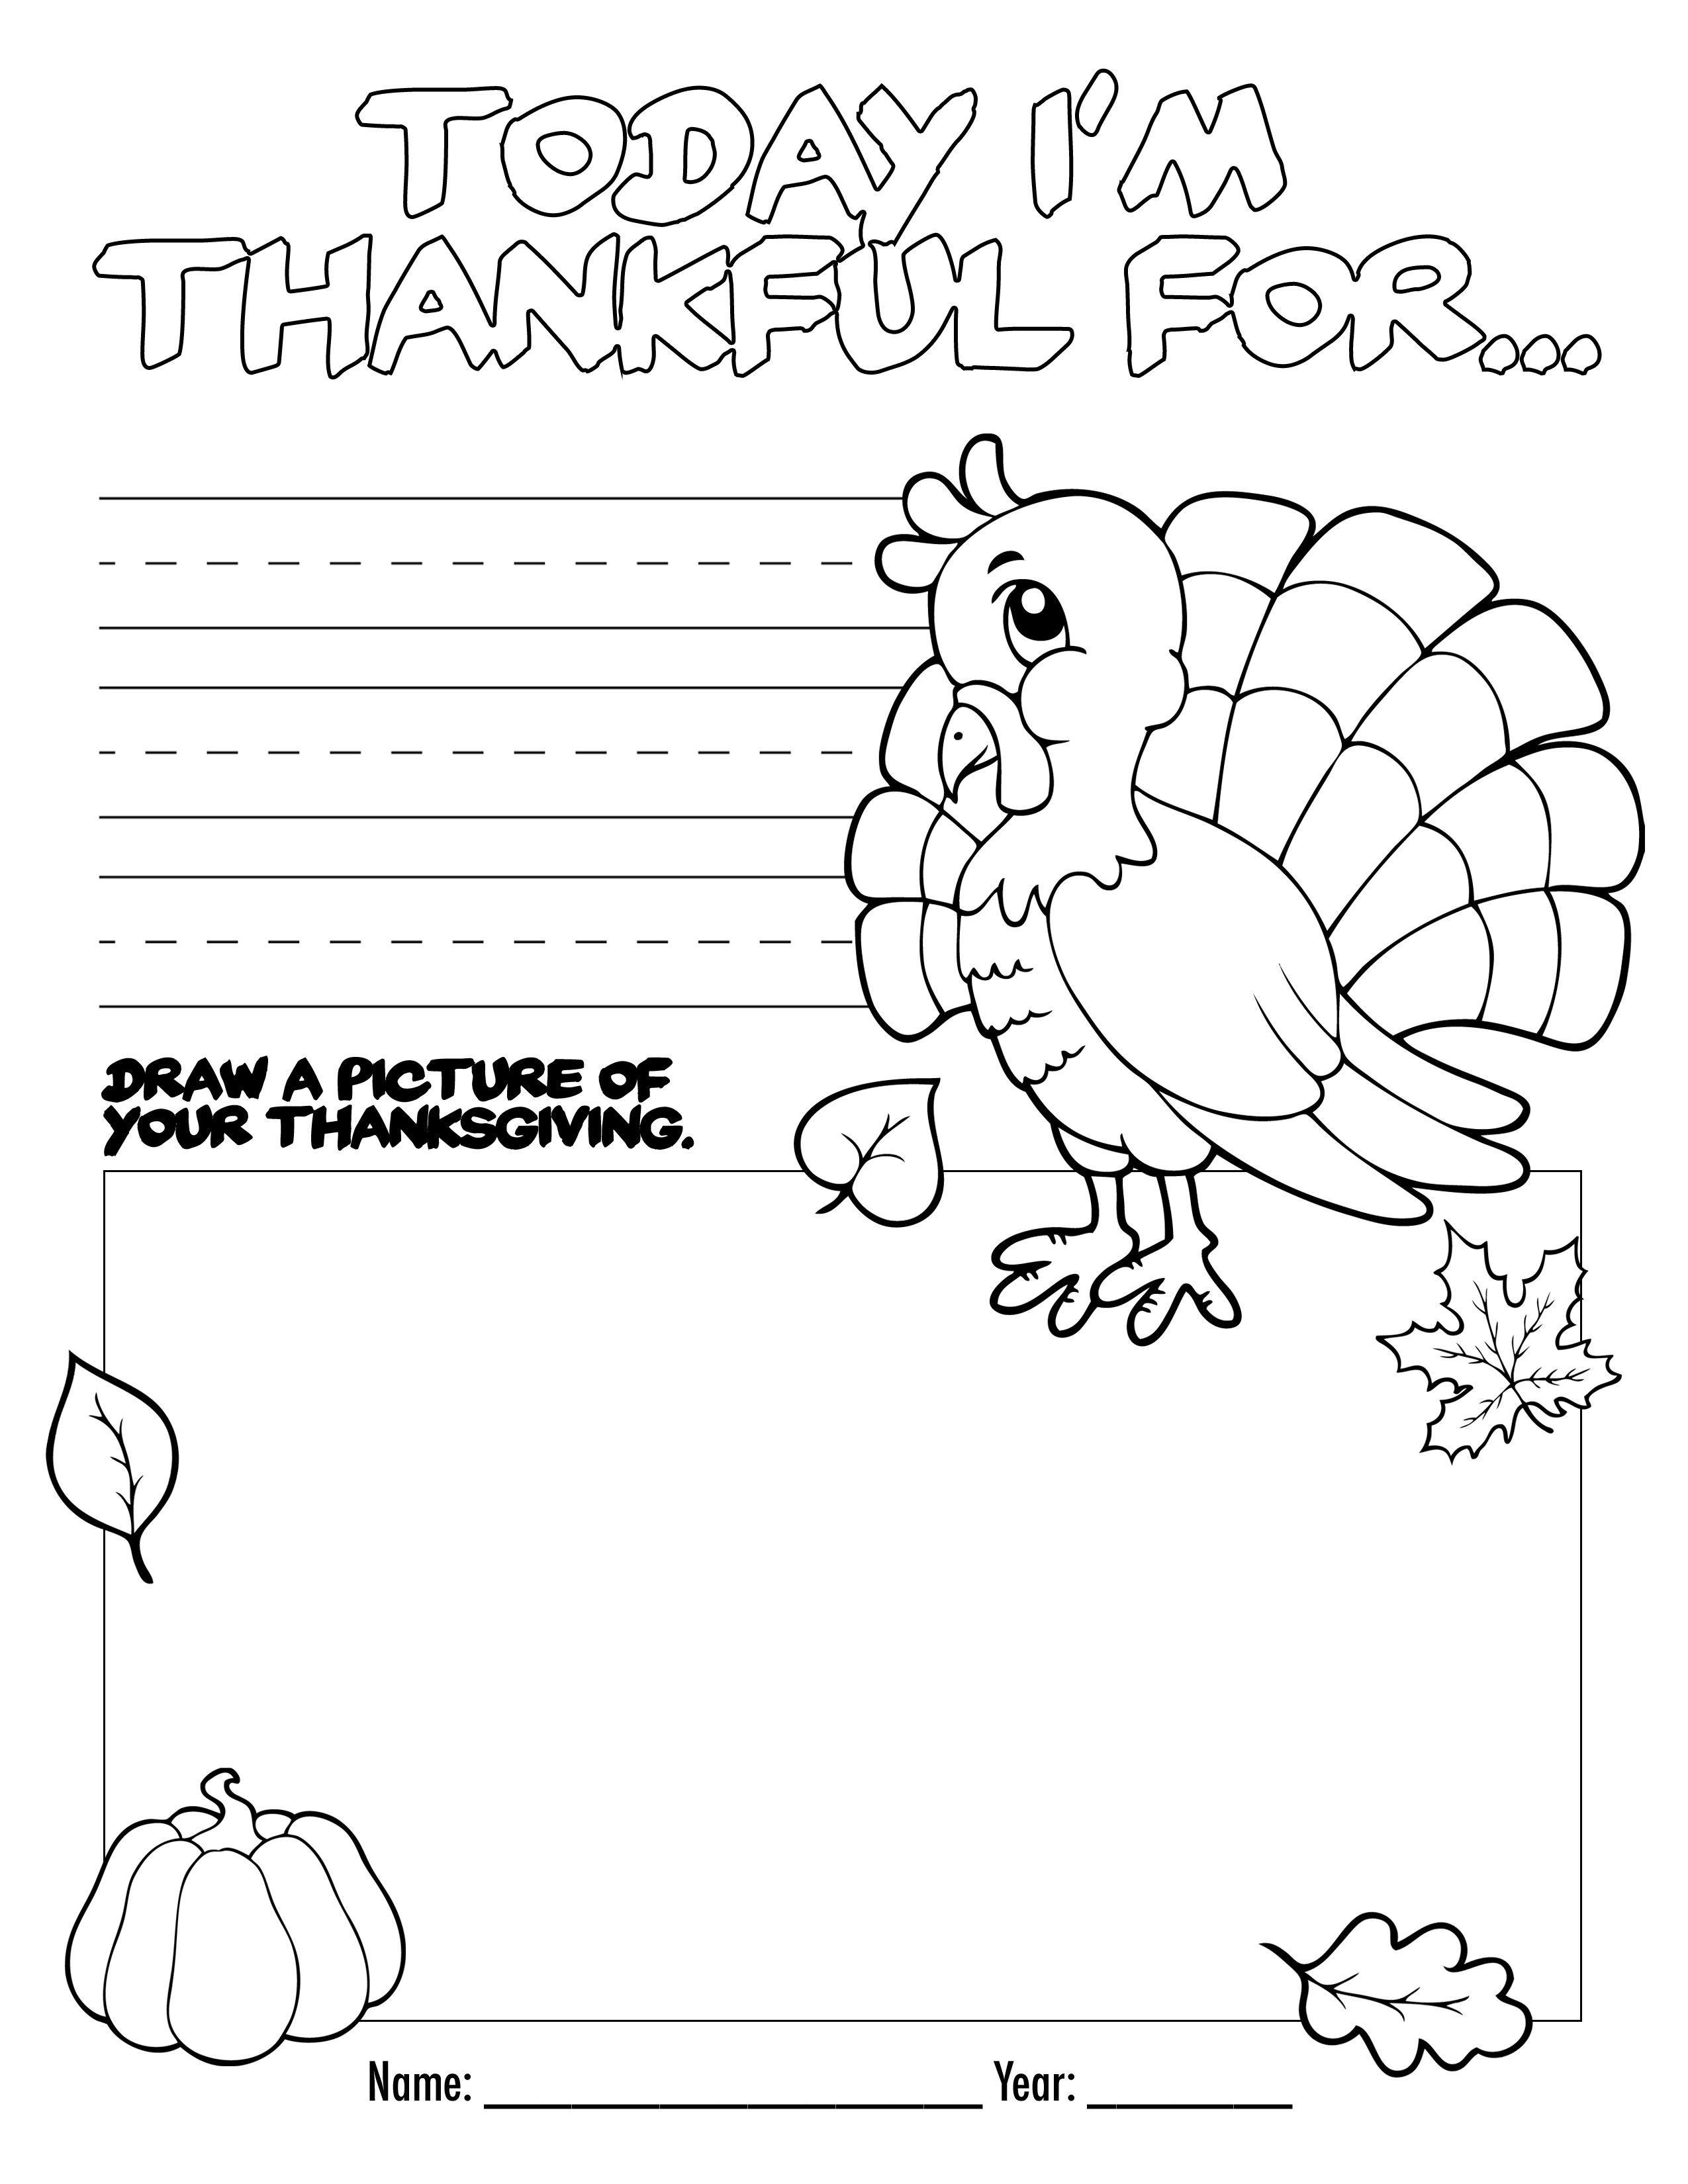 Free Printable Activities For Kindergarten Thanksgiving   Printable - Free Printable Thanksgiving Activities For Preschoolers